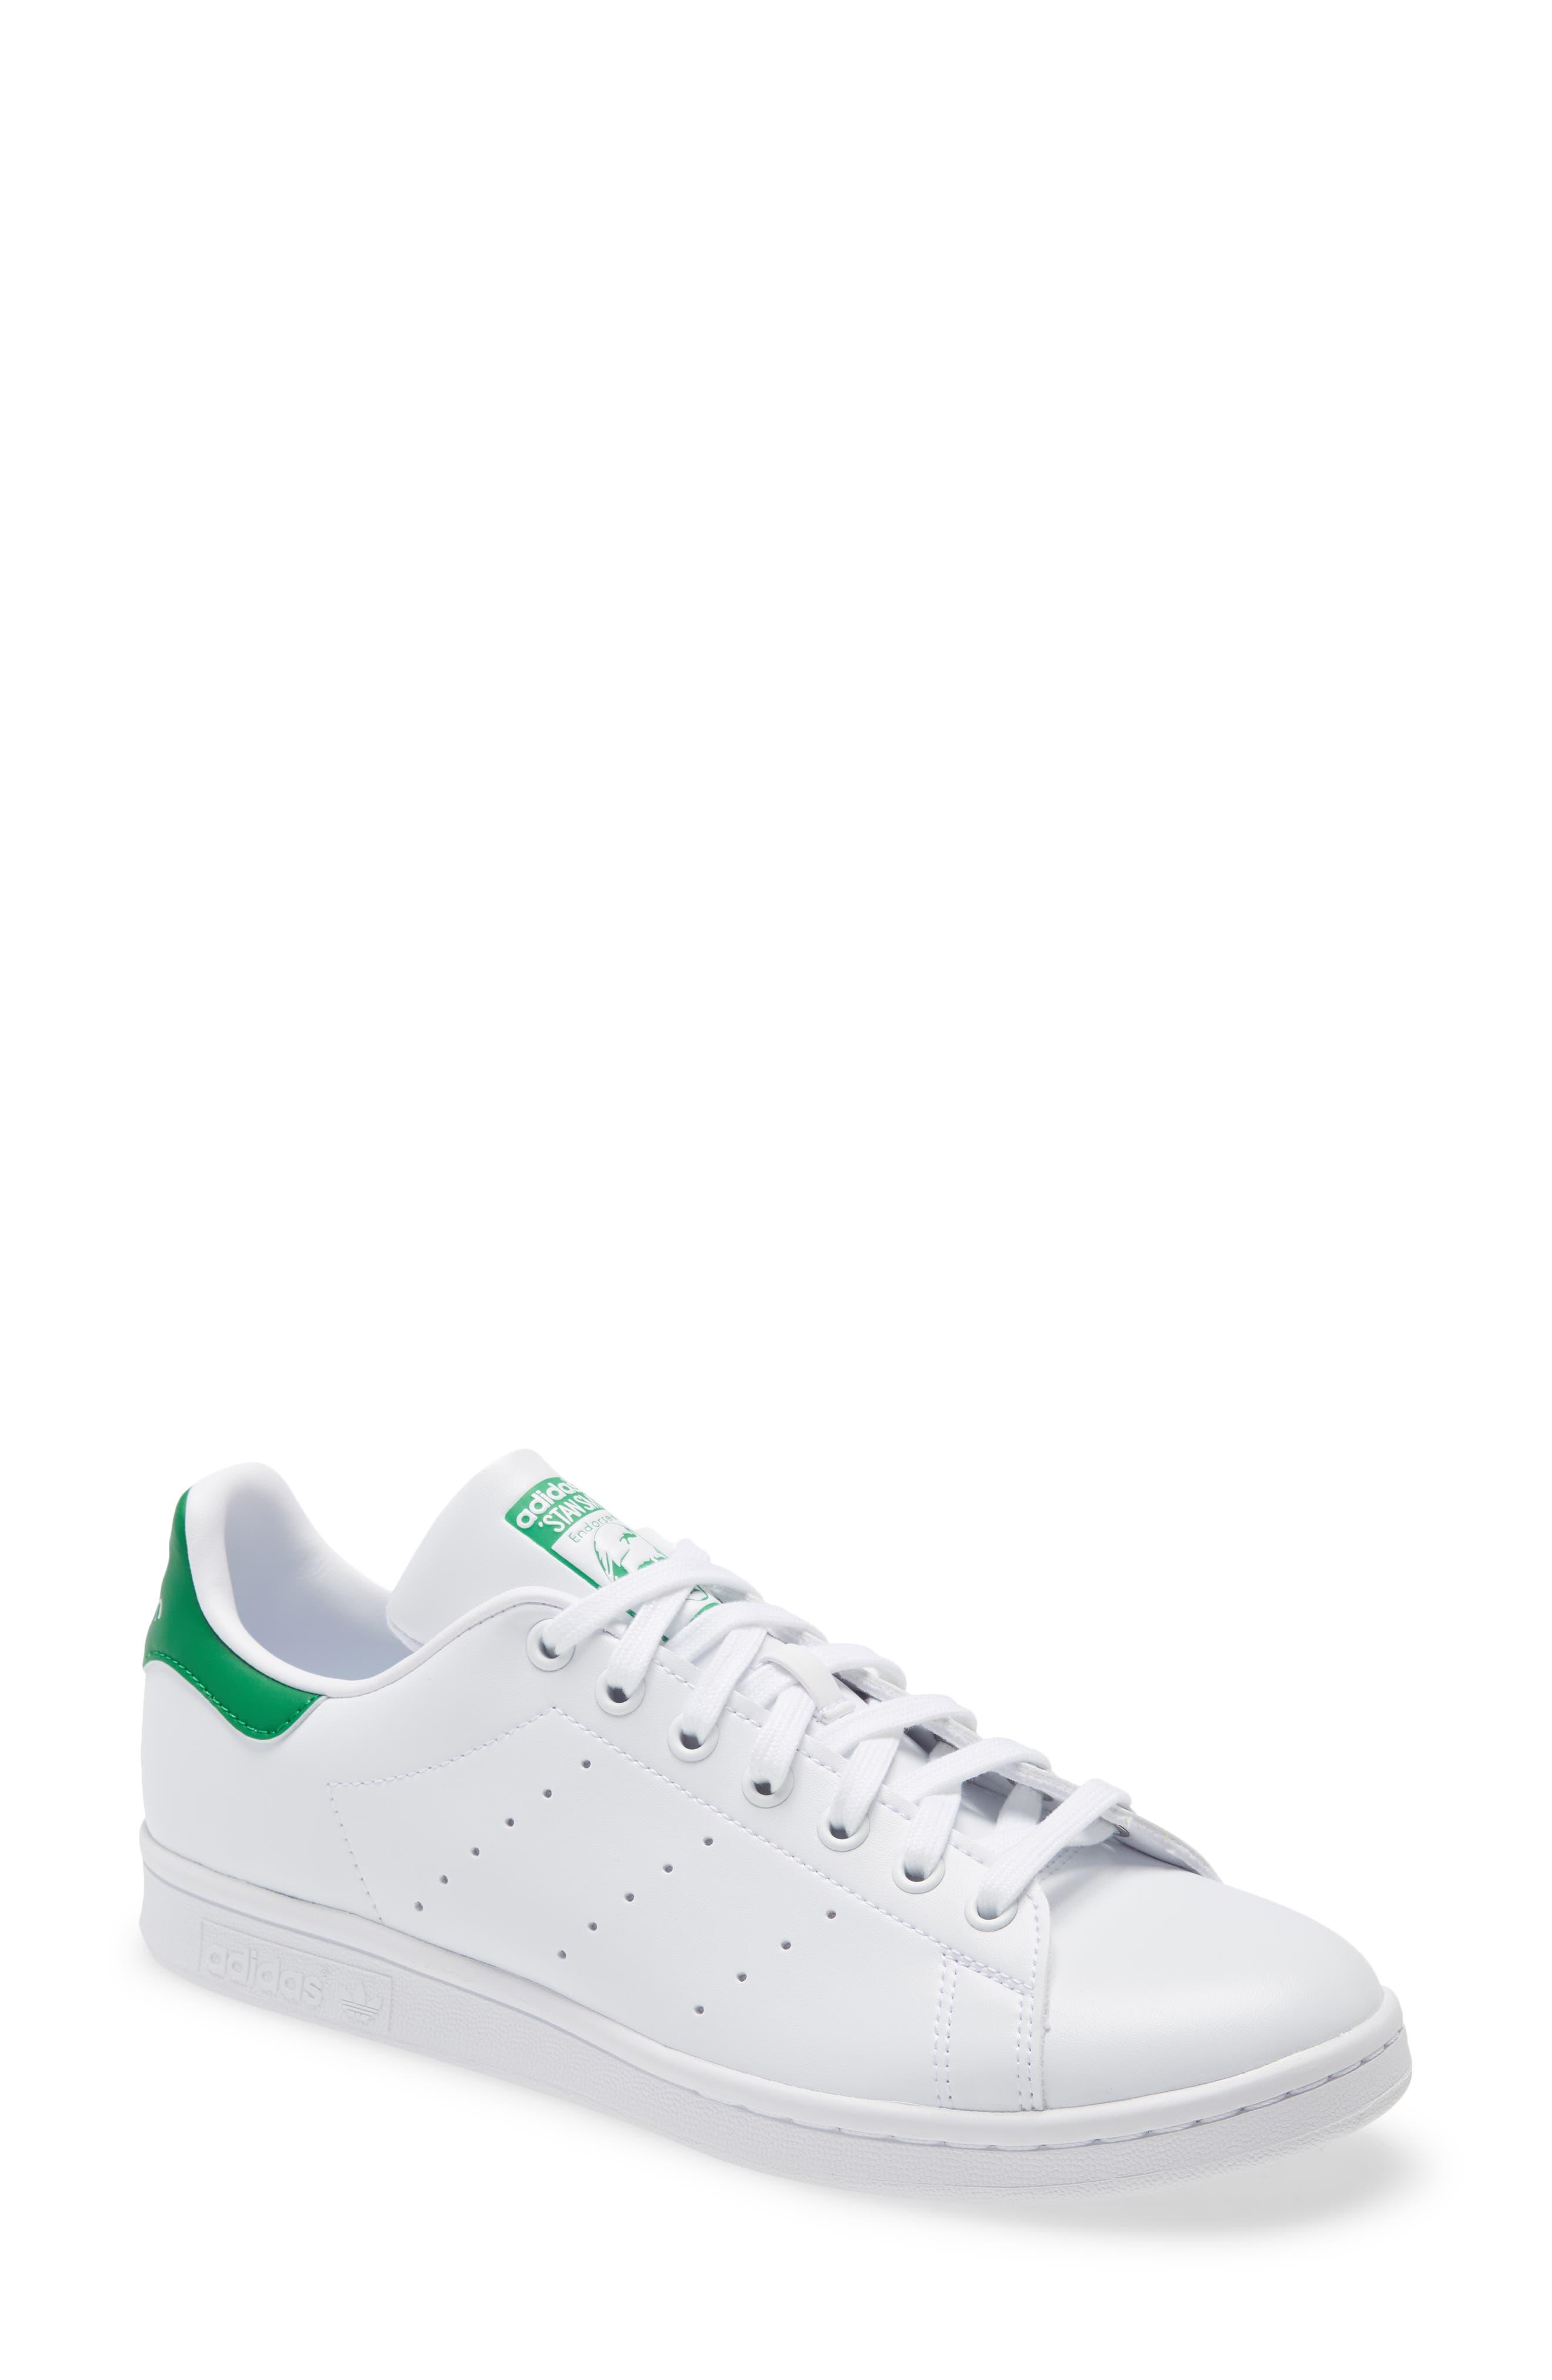 adidas gym shoes men